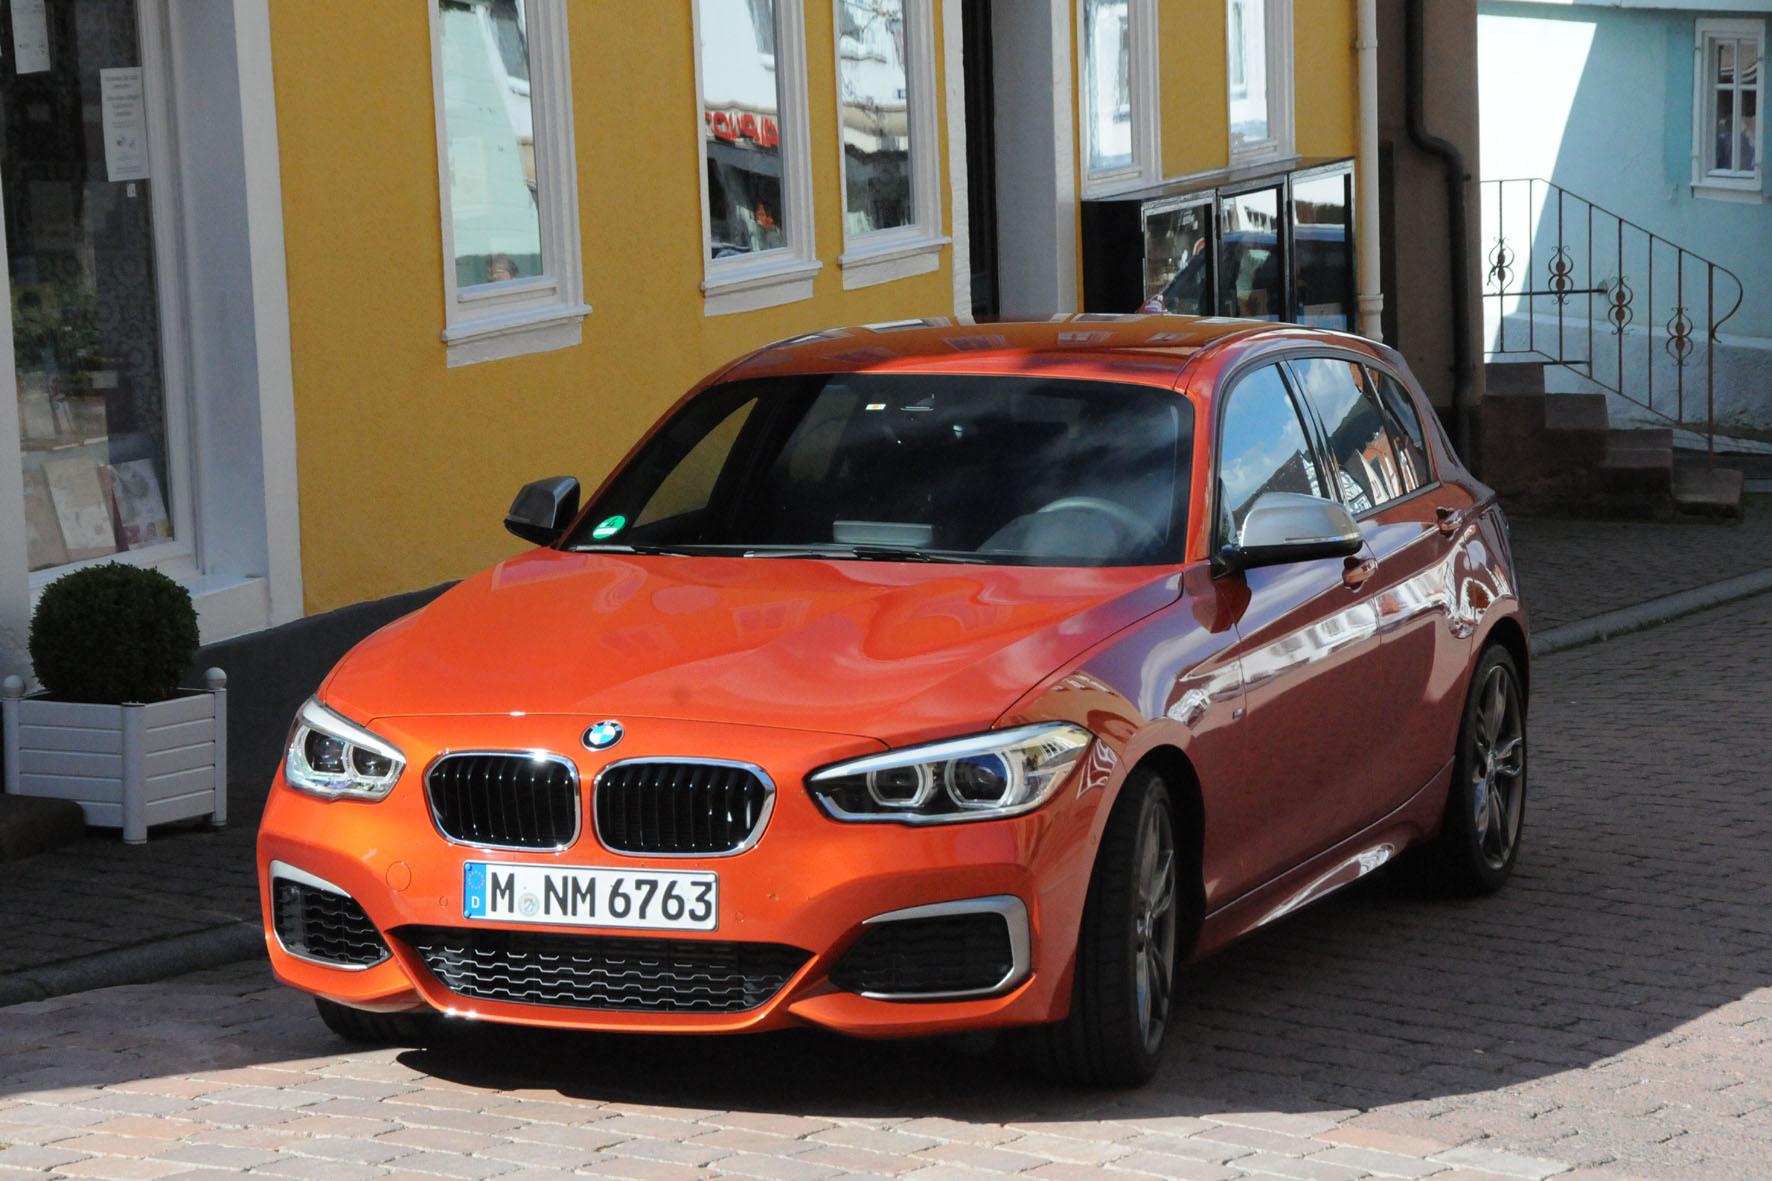 mid Düsseldorf - Kompakter mit fahrdynamischem Alleinstellungsmerkmal: Der BMW 1er mit Heckantrieb ist in der Kompaktklasse eine Ausnahme-Erscheinung. Besonders im Top-Modell M135i beschert diese Konfiguration reichlich Freude am Fahren.